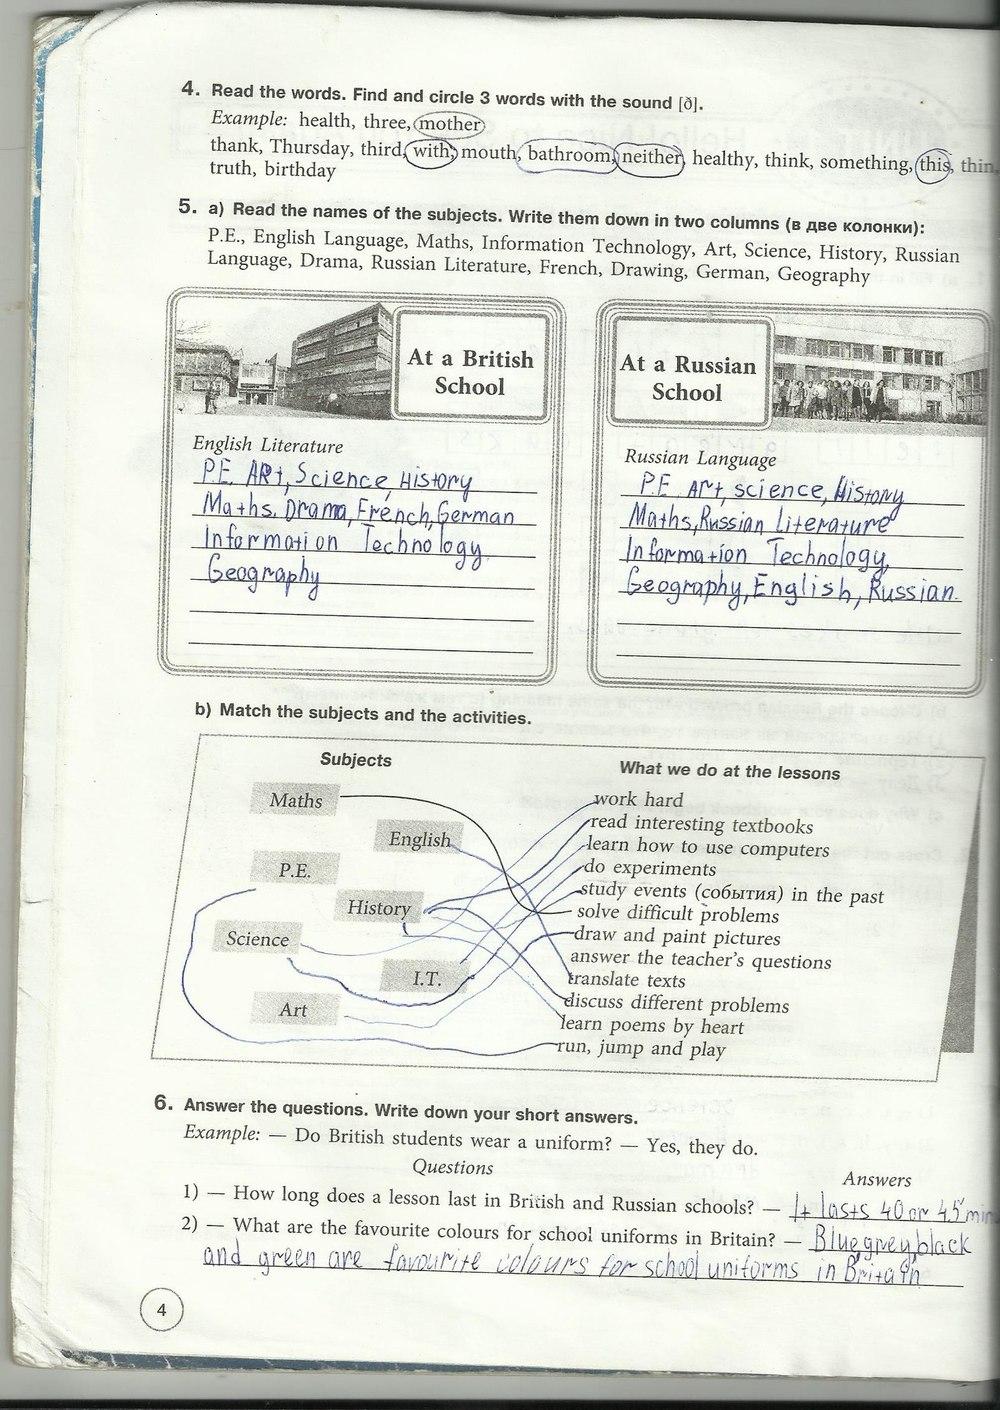 рабочая тетрадь по инглишу для 5 класса гдз